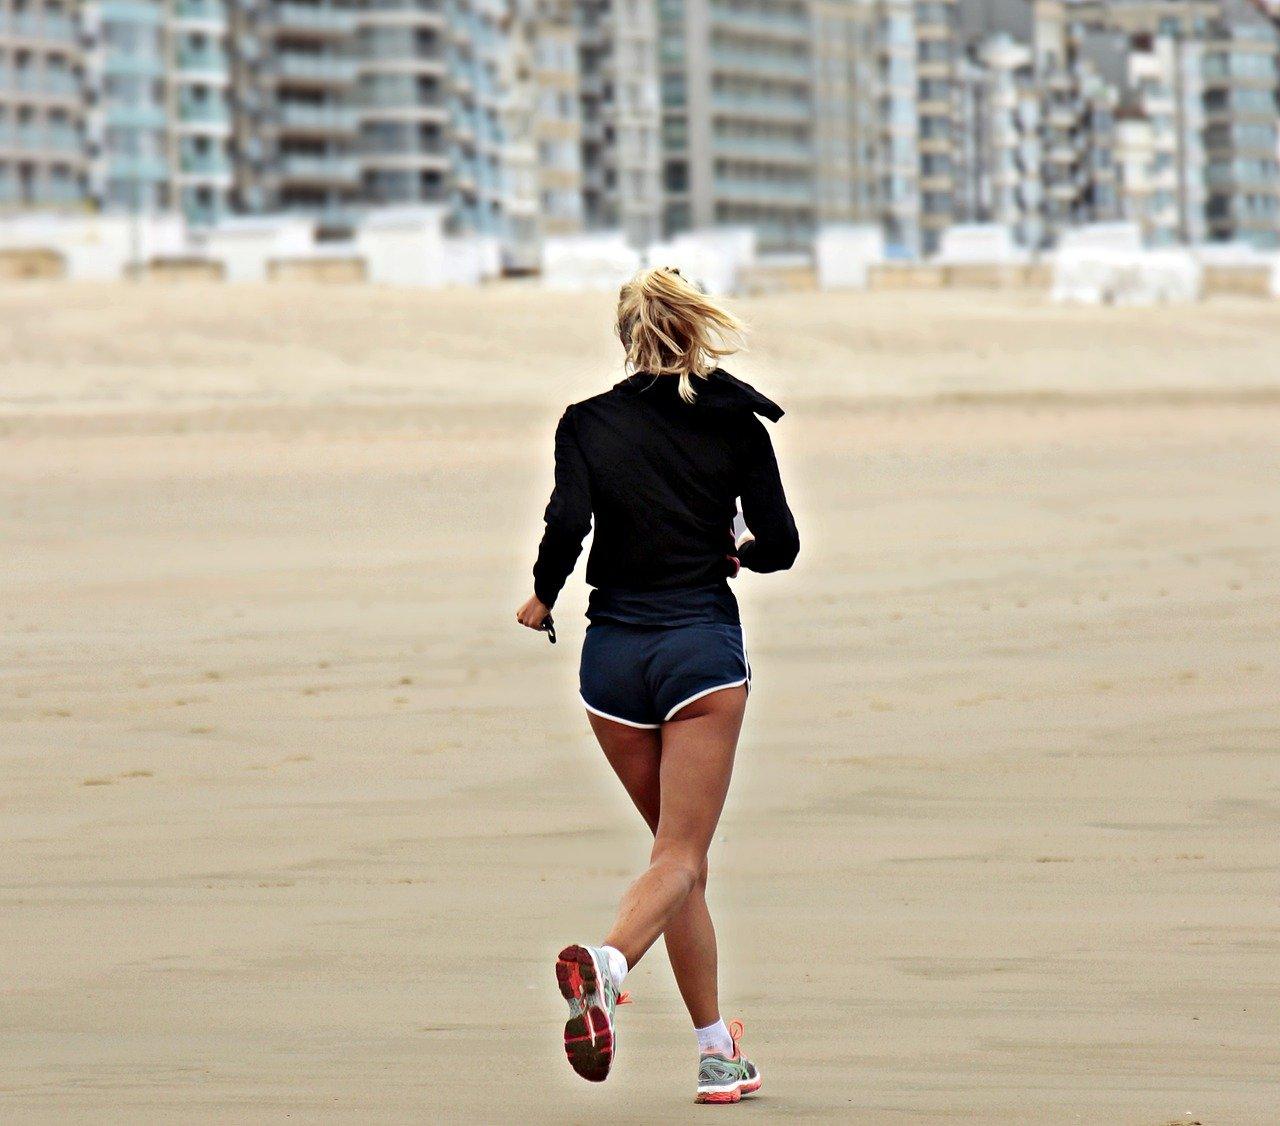 hábitos que reducen tu rendimiento deportivo